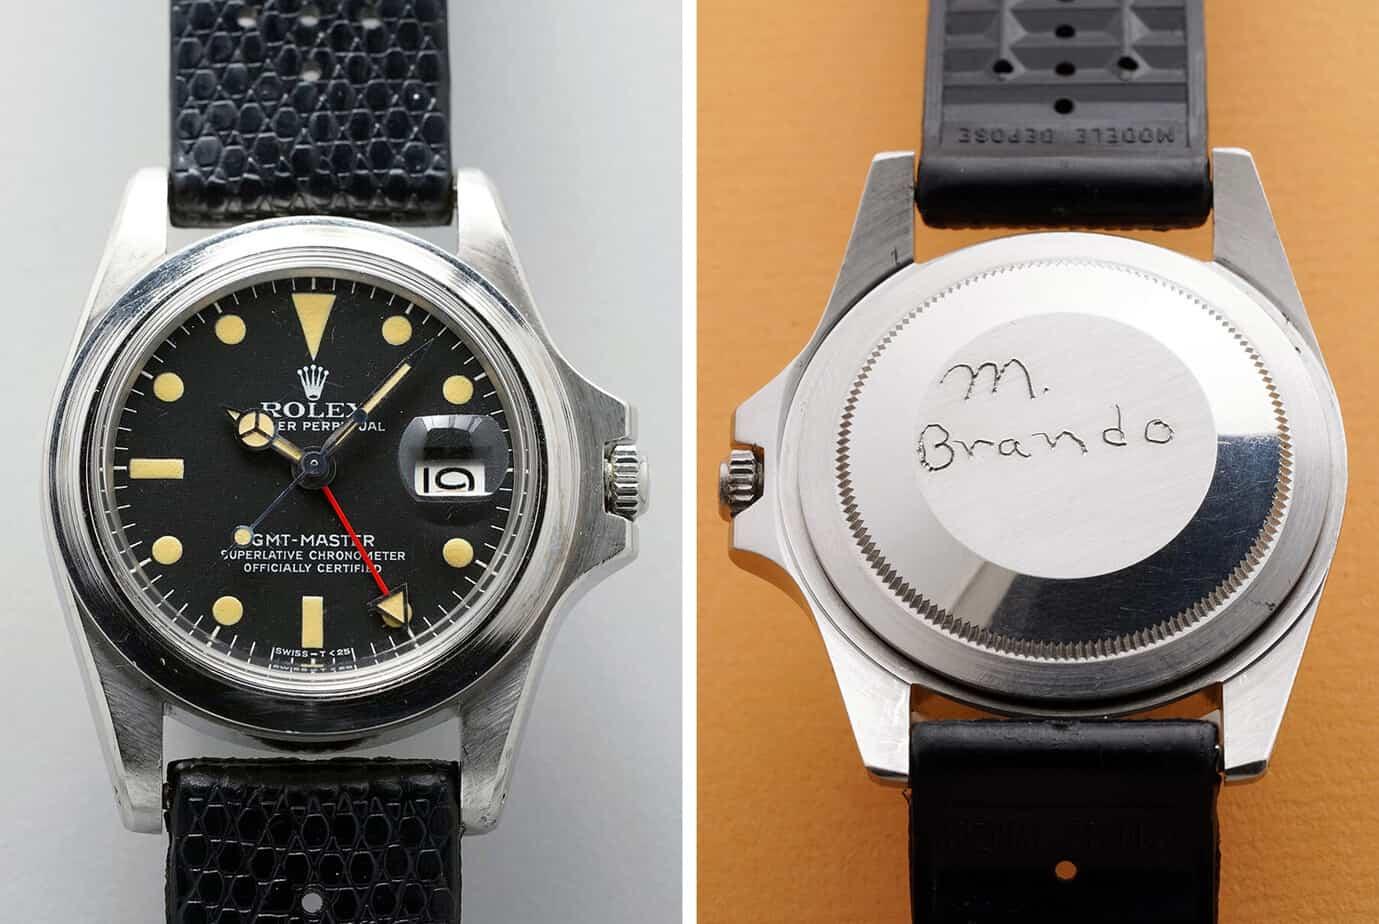 ה-GMT MASTER נטול הבזל של מרלון ברנדו (מקור: הודינקי)